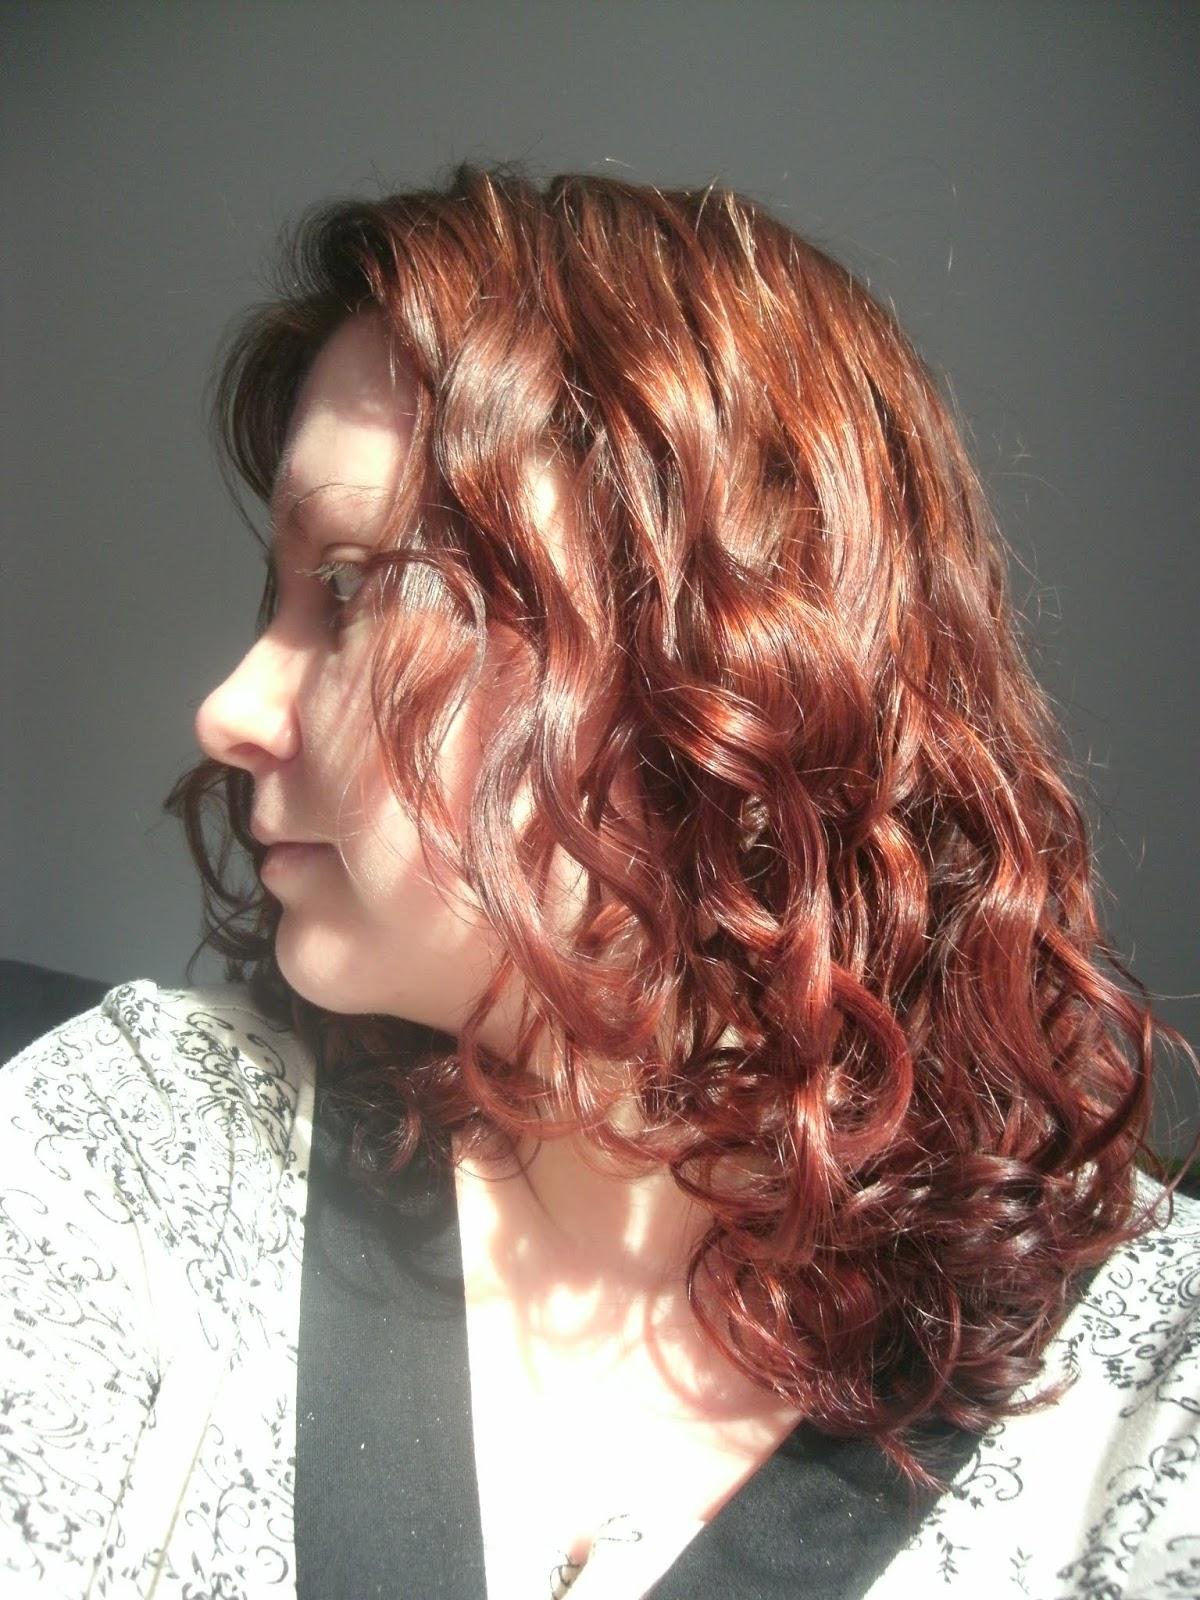 Kręcone problemy: O rany - mam fale/loki! Od czego zacząć pielęgnację falowanych i kręconych włosów?